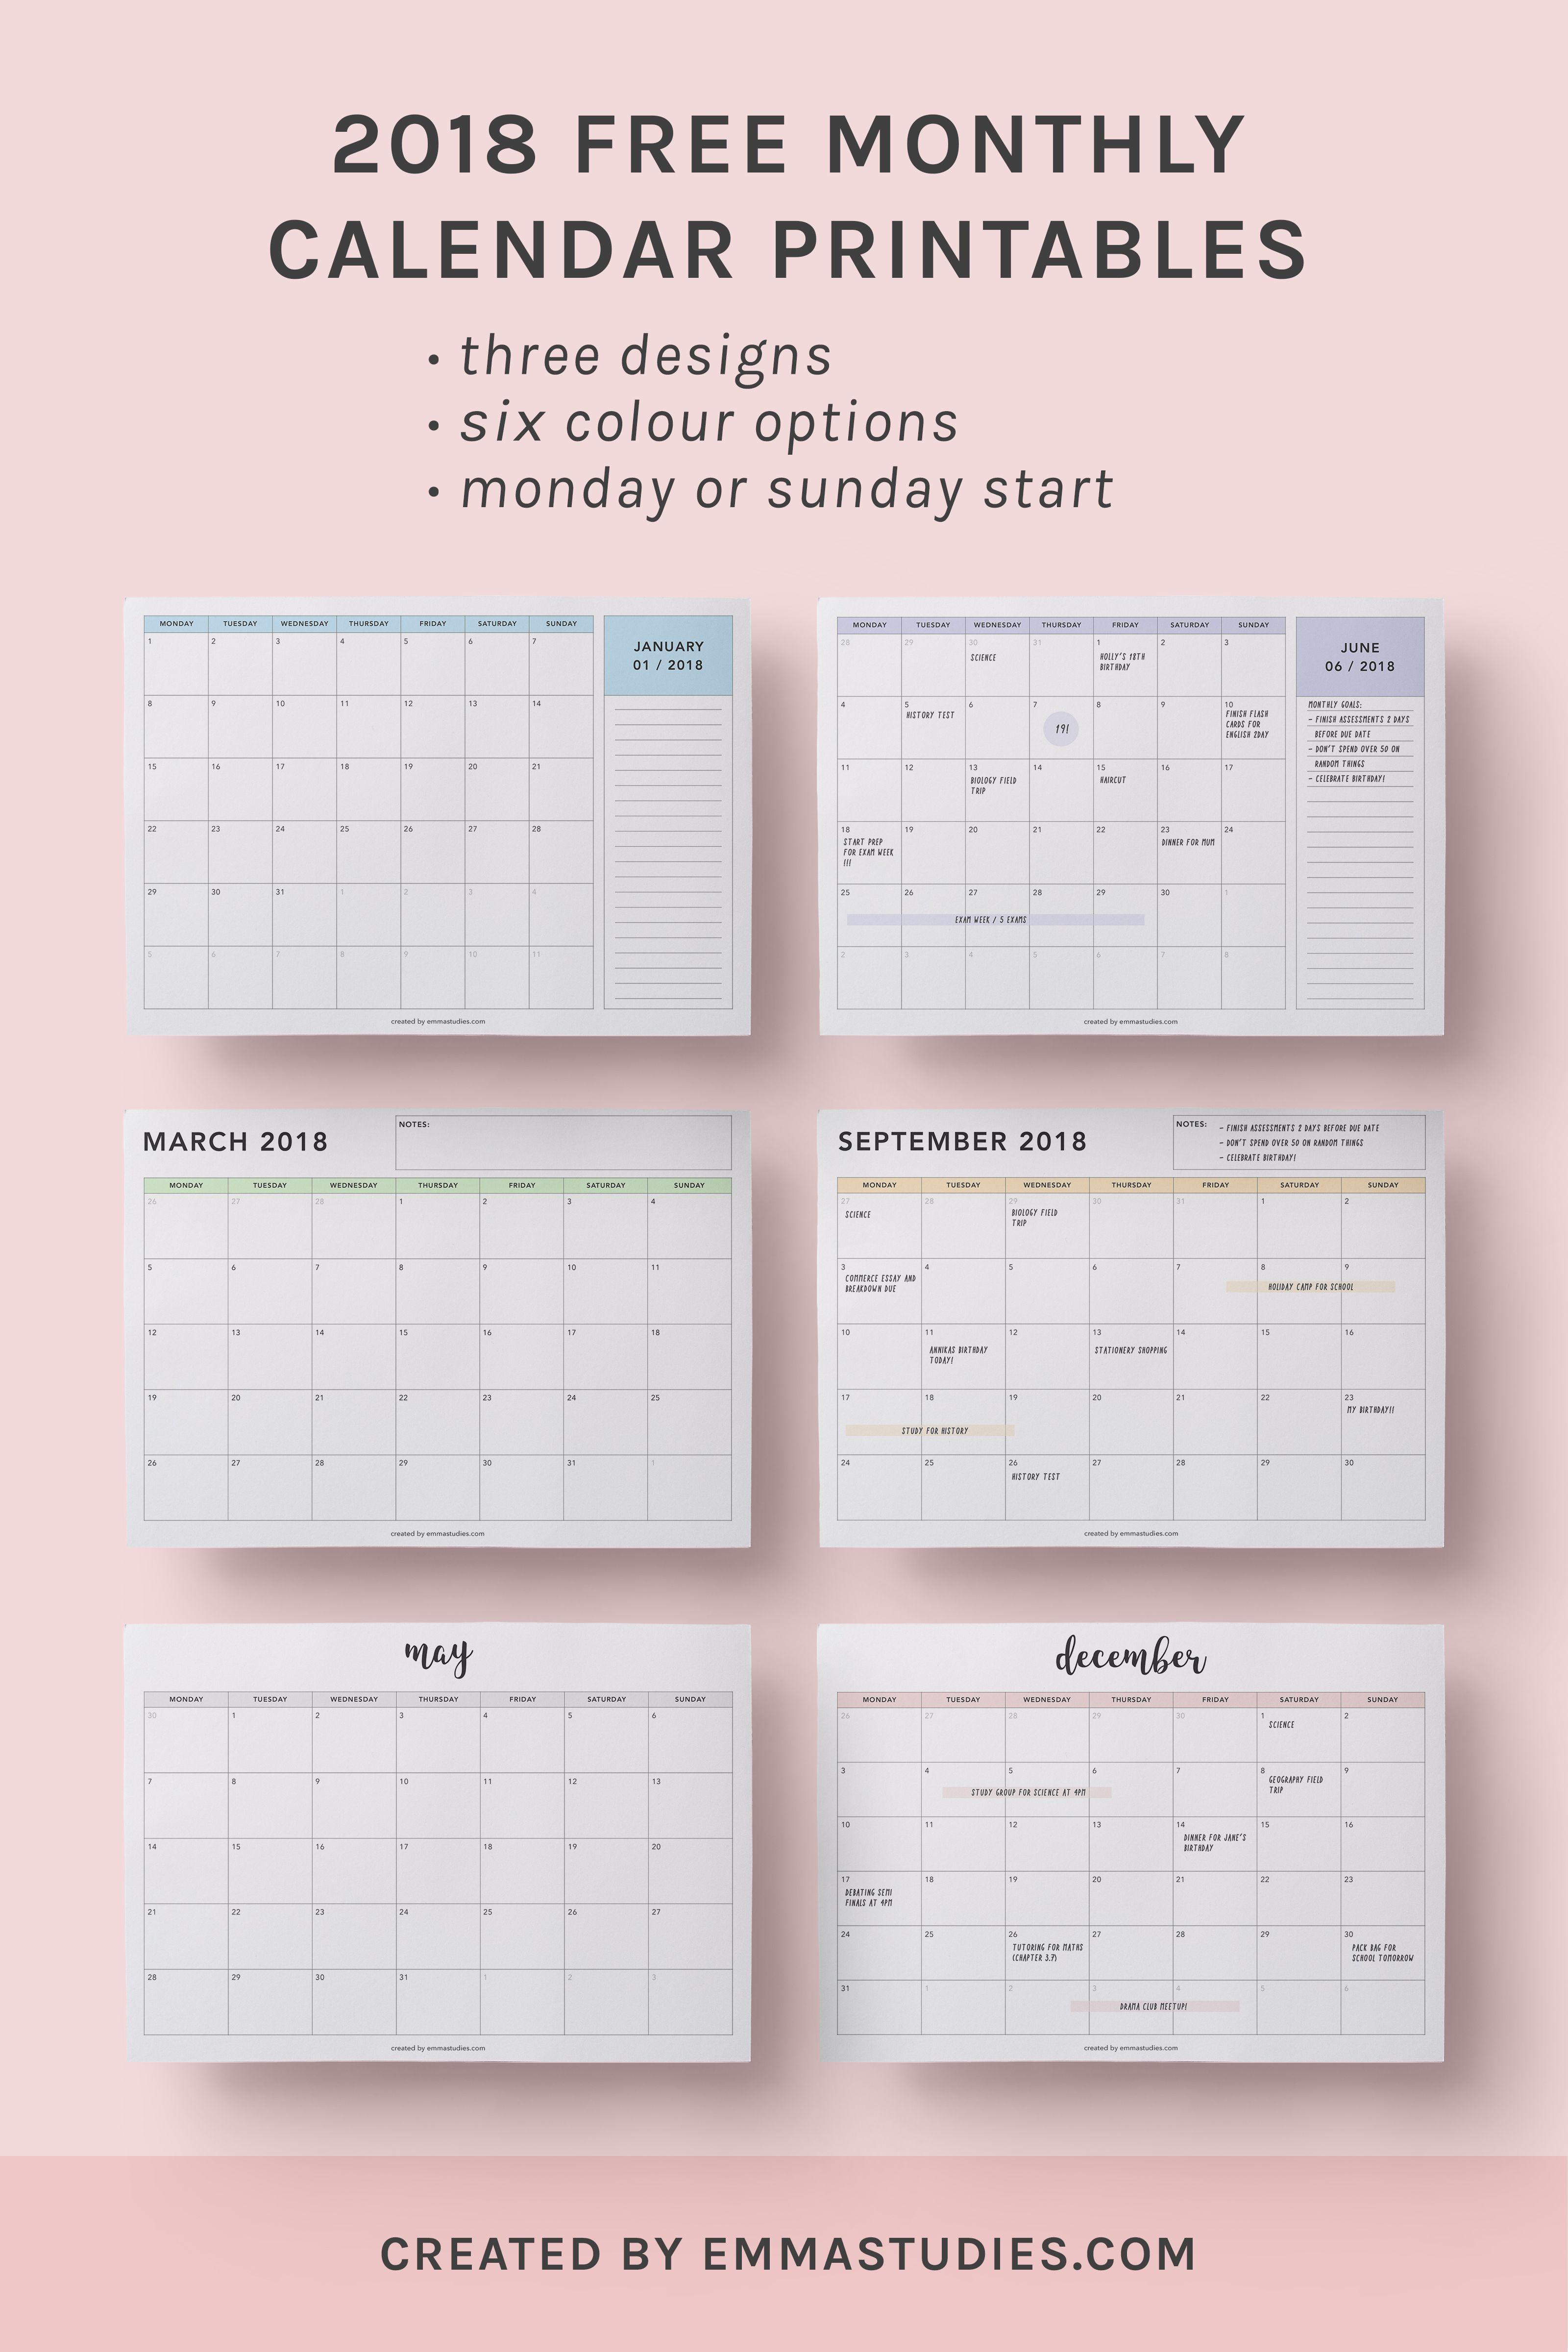 free printable weekly calendars 2018